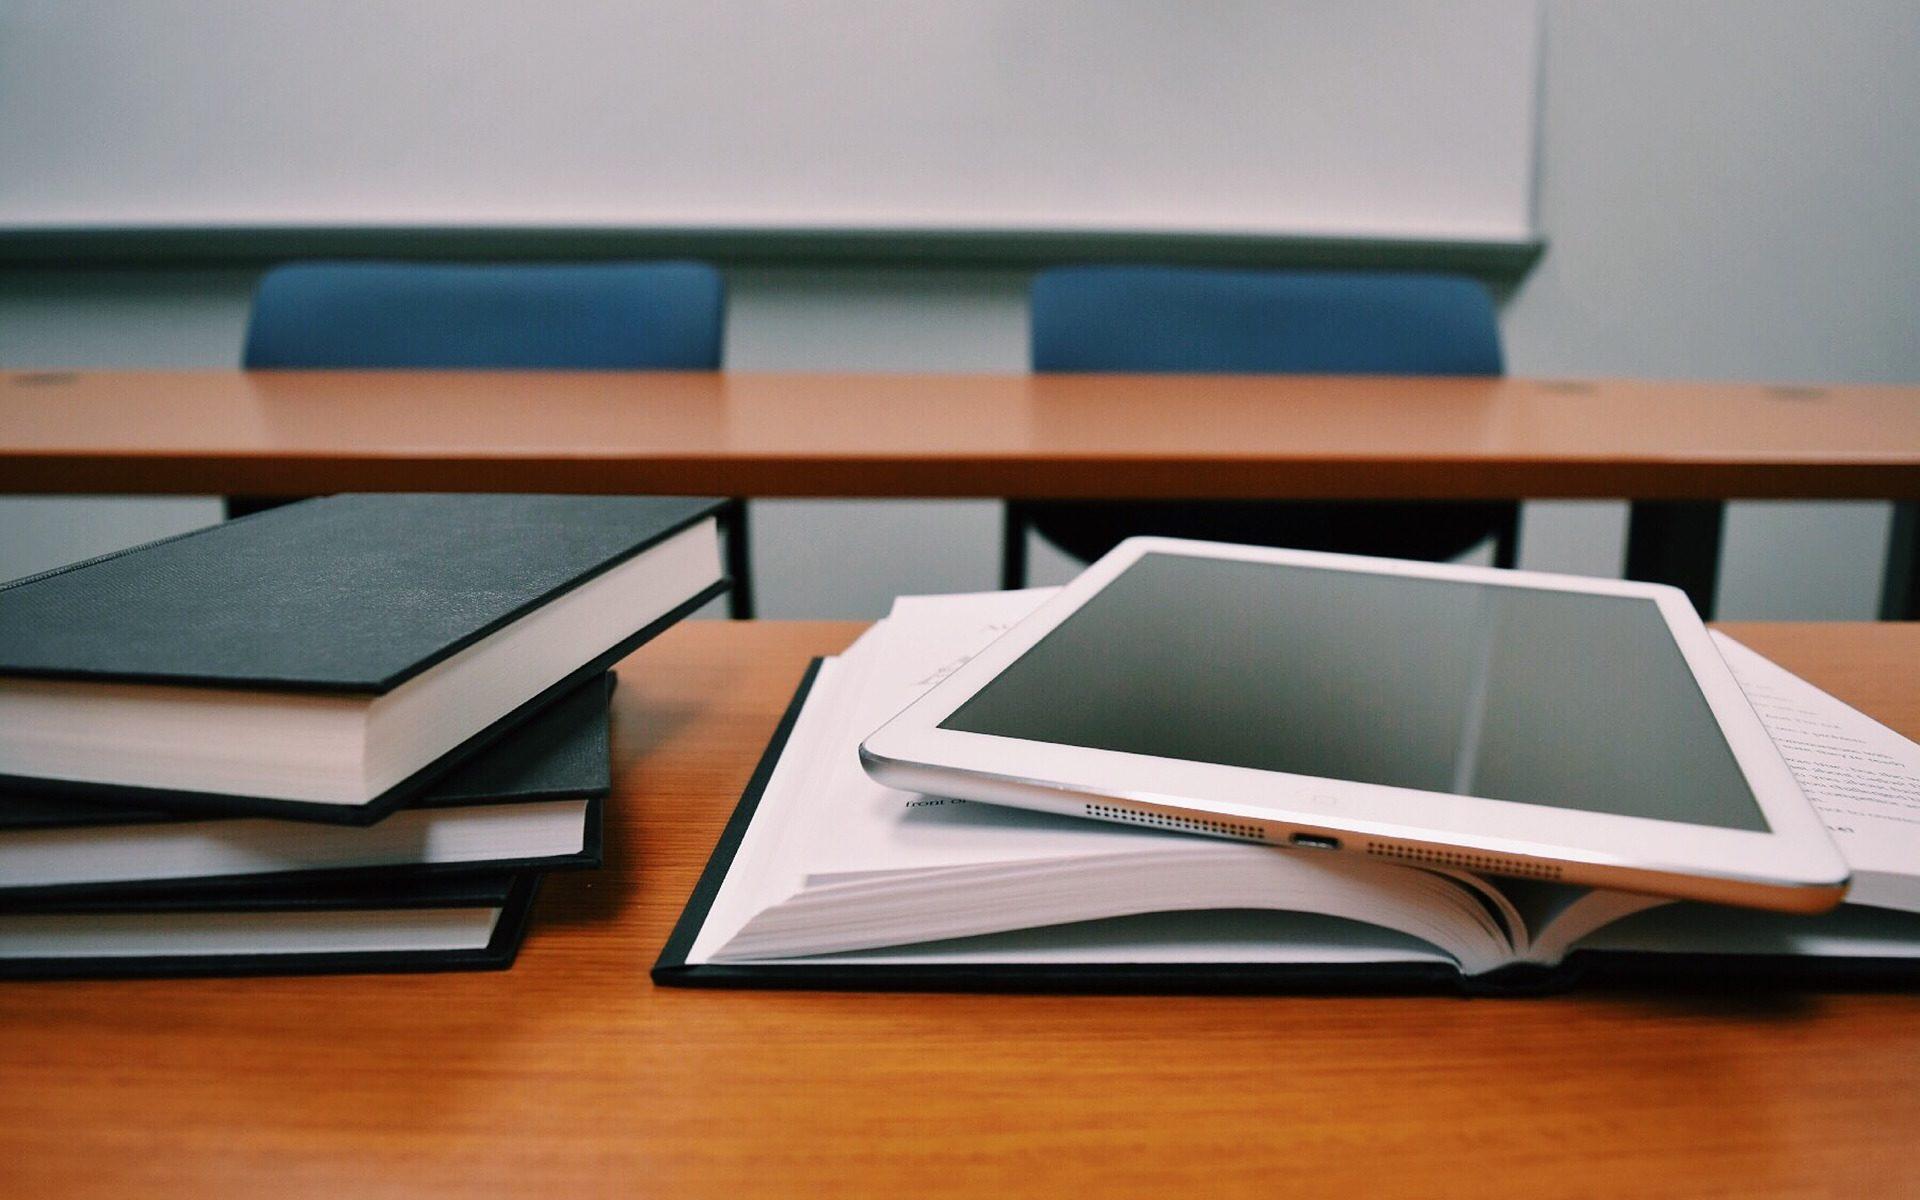 Bilde av tablet og bøker